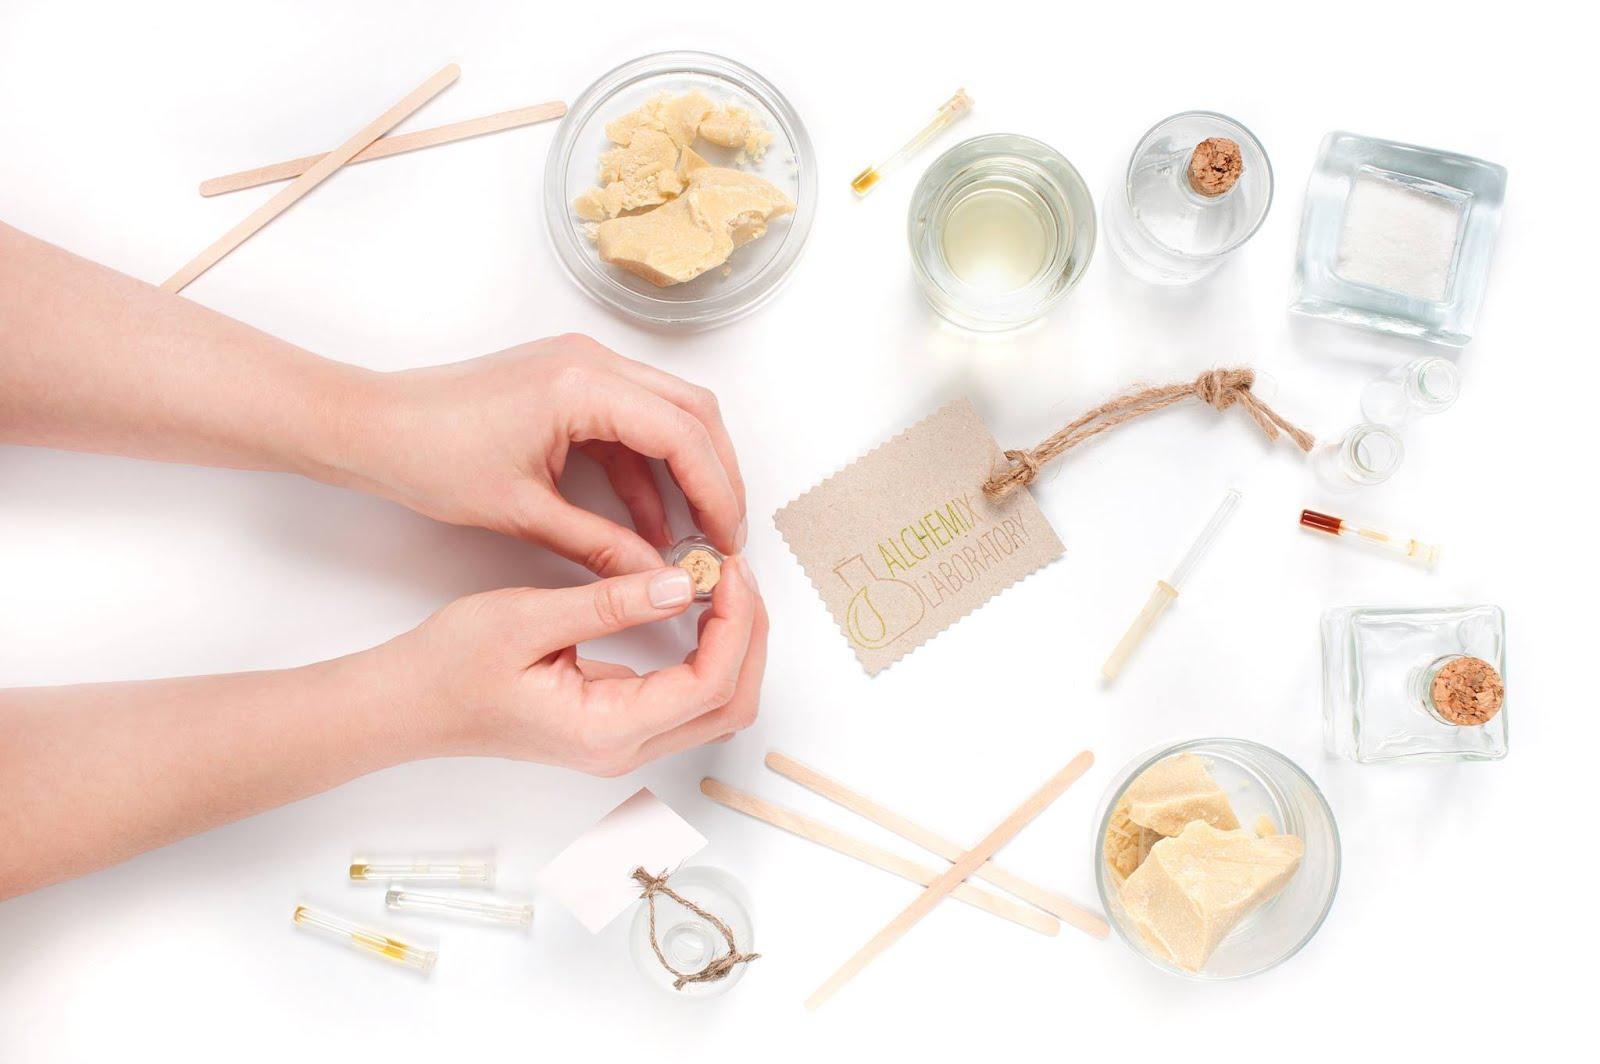 Intenzívny 5 dňový kurz výroby kozmetiky! 20-26.1.2019